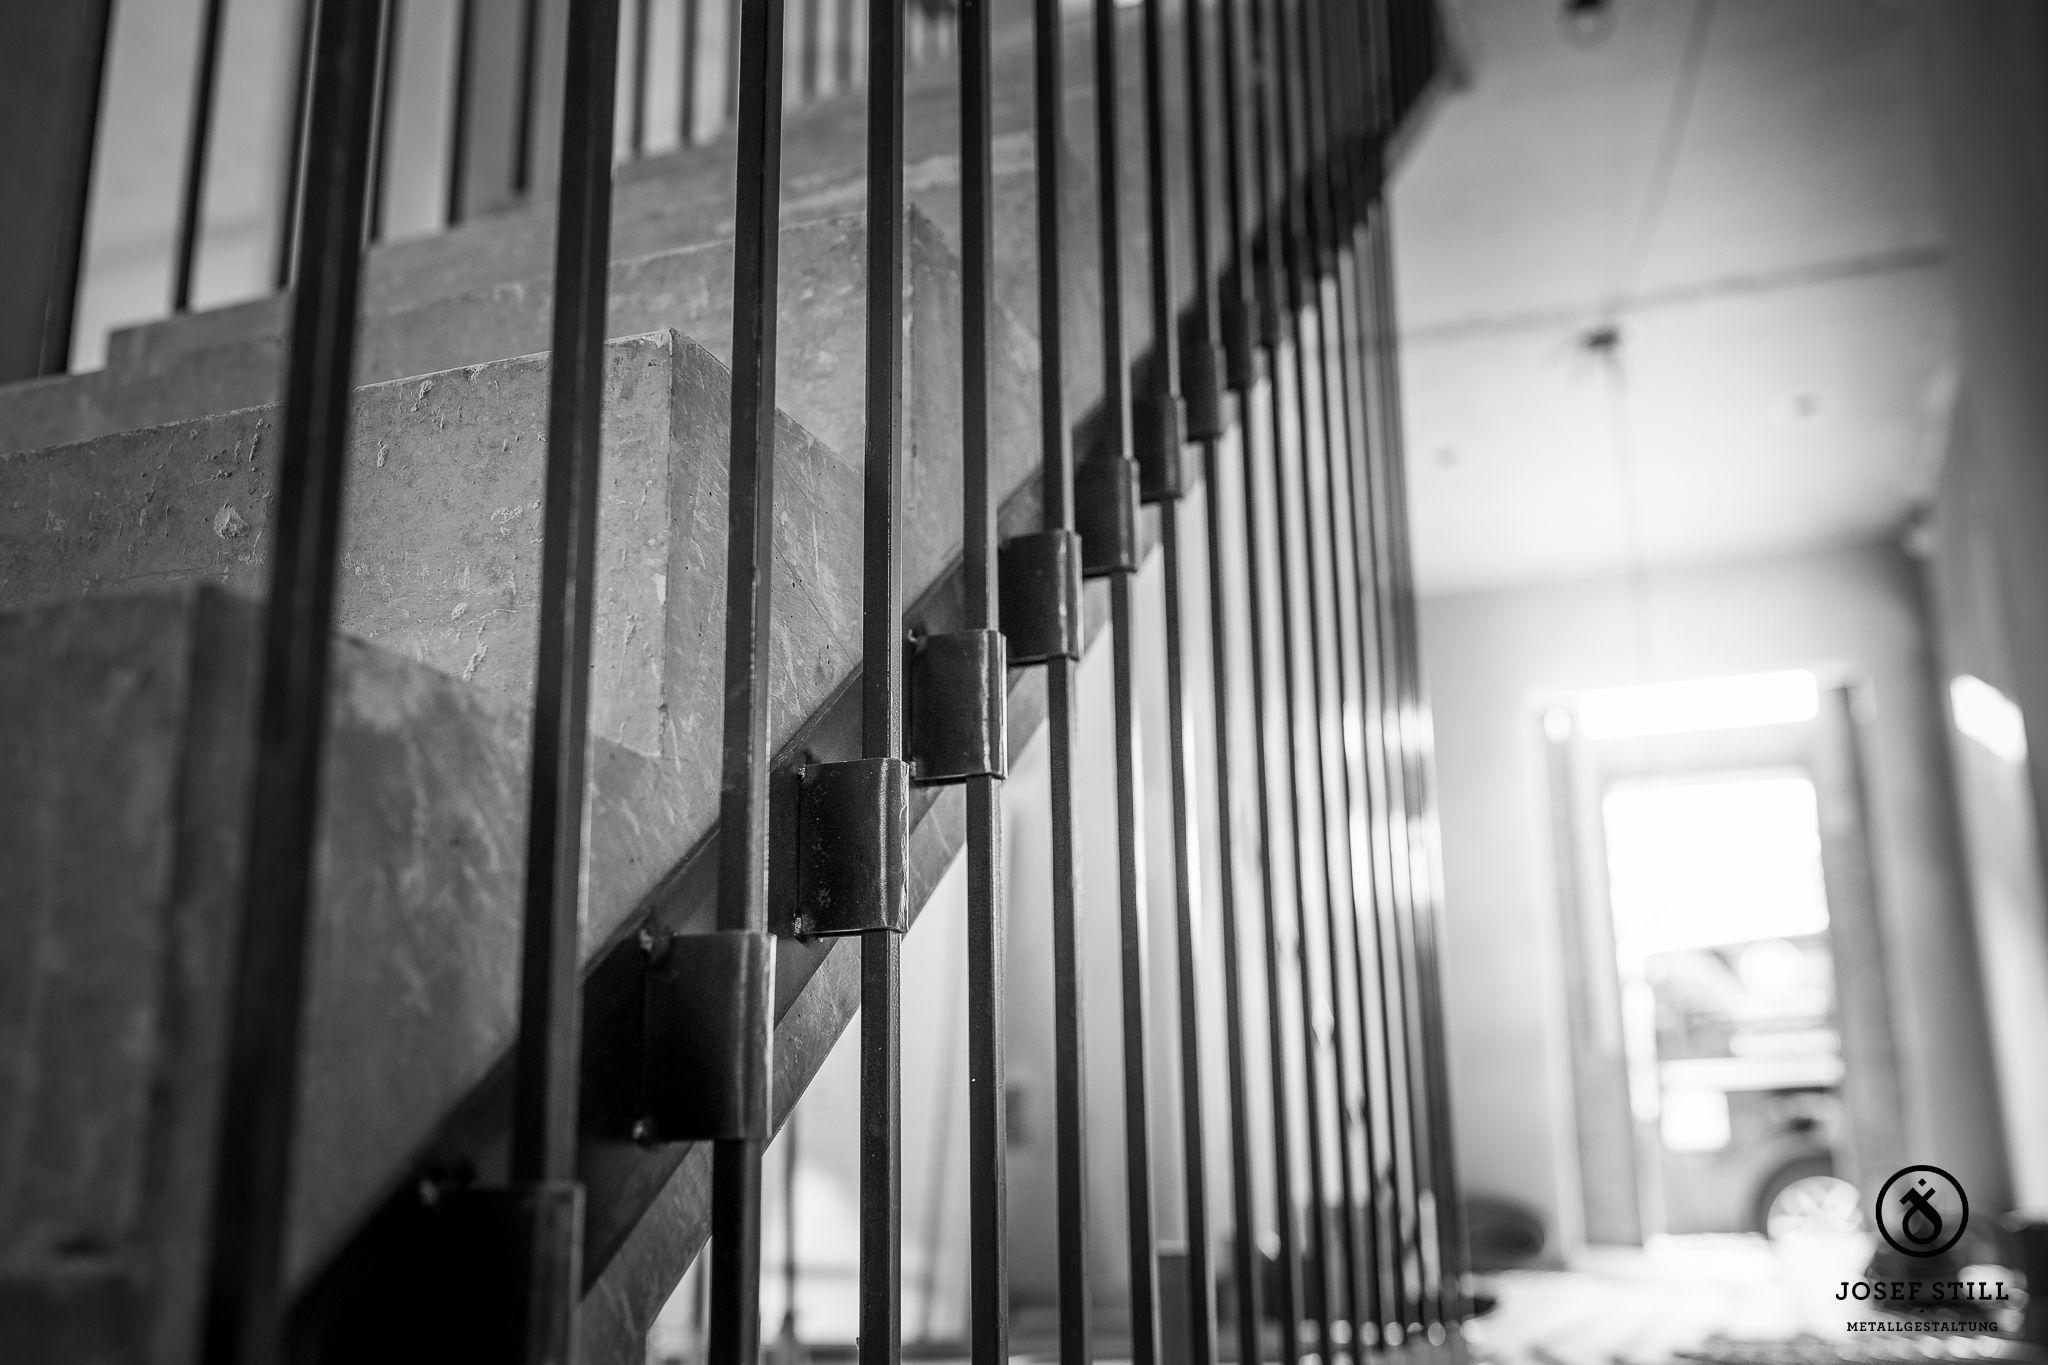 Www Metall Schmiede De Kunstschmiede Gelander Treppe Handlauf Schmiede Munchen Rosenheim Individuell Eisen Treppe Metall Design Handlauf